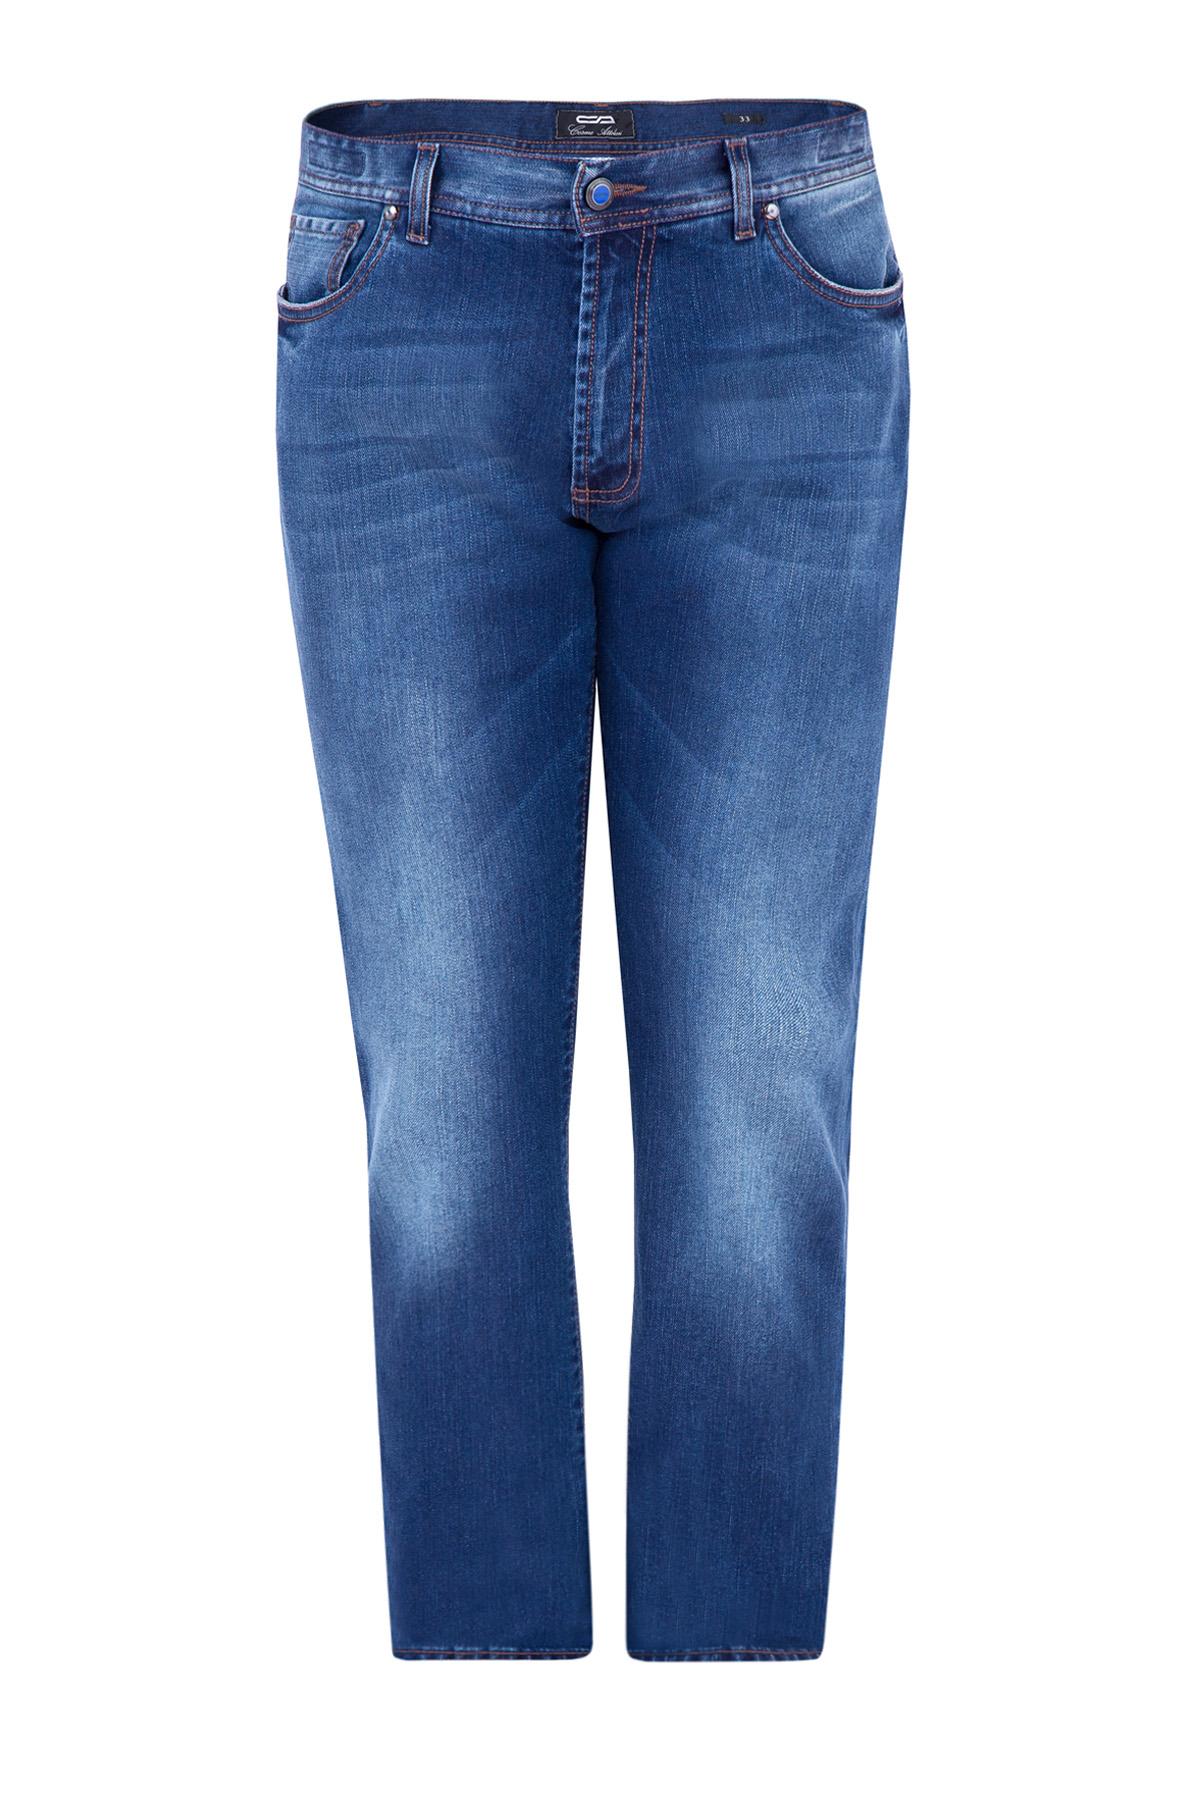 джинсыДжинсы<br><br>Материал: хлопок 99% ,  эластан 1%;